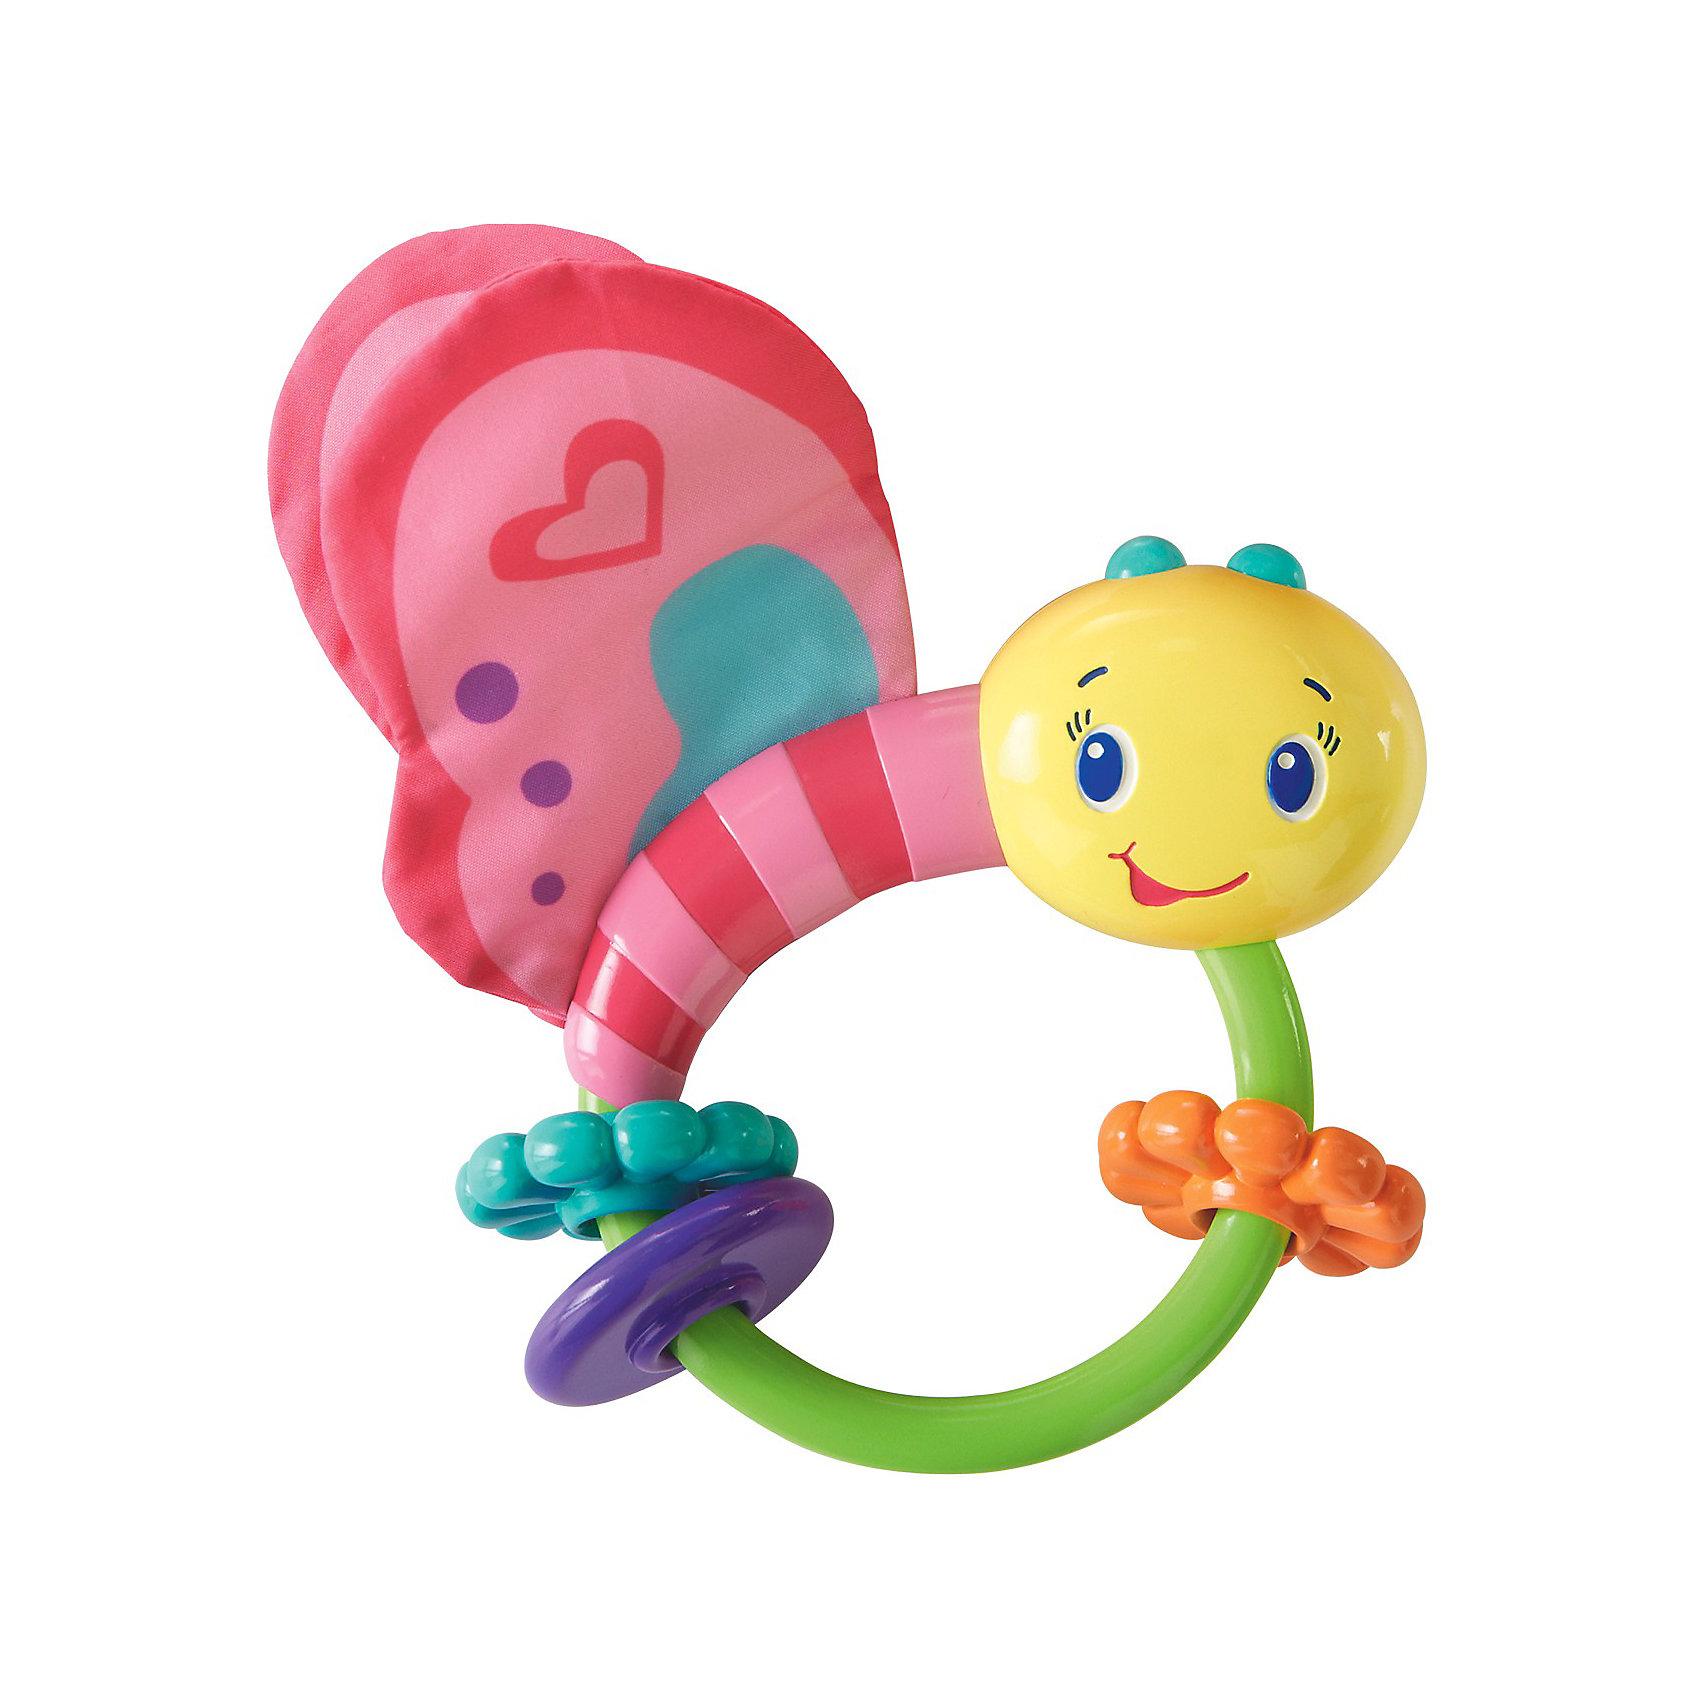 Погремушка Розовая бабочка, Bright StartsПогремушки<br>Яркая развивающая игрушка Розовая бабочка выполнена в виде забавной бабочки из современных, легких материалов разных цветов и фактур, абсолютно безопасных для ребенка. <br><br>Игрушка содержит в себе развивающие элементы: два шуршащих крылышка, три цветных рельефных колечка, два из которых выполнены в виде цветочка и удобную ручку, комфортную для маленькой ручки малыша. Внутри игрушки расположены маленькие шарики, гремящие при тряске. <br><br>Развивающая игрушка Розовая бабочка способствует развитию цветовосприятия, звуковосприятия и мелкой моторики рук.<br><br>Дополнительная информация:<br><br>- материал: легкие материалы разных цветов и фактур<br>- размер игрушки: 12 x 13 x 3 см.<br><br>ПогремушкуРозовая бабочка можно купить в нашем интернет магазине.<br><br>Ширина мм: 140<br>Глубина мм: 165<br>Высота мм: 40<br>Вес г: 95<br>Возраст от месяцев: 0<br>Возраст до месяцев: 12<br>Пол: Женский<br>Возраст: Детский<br>SKU: 3345339